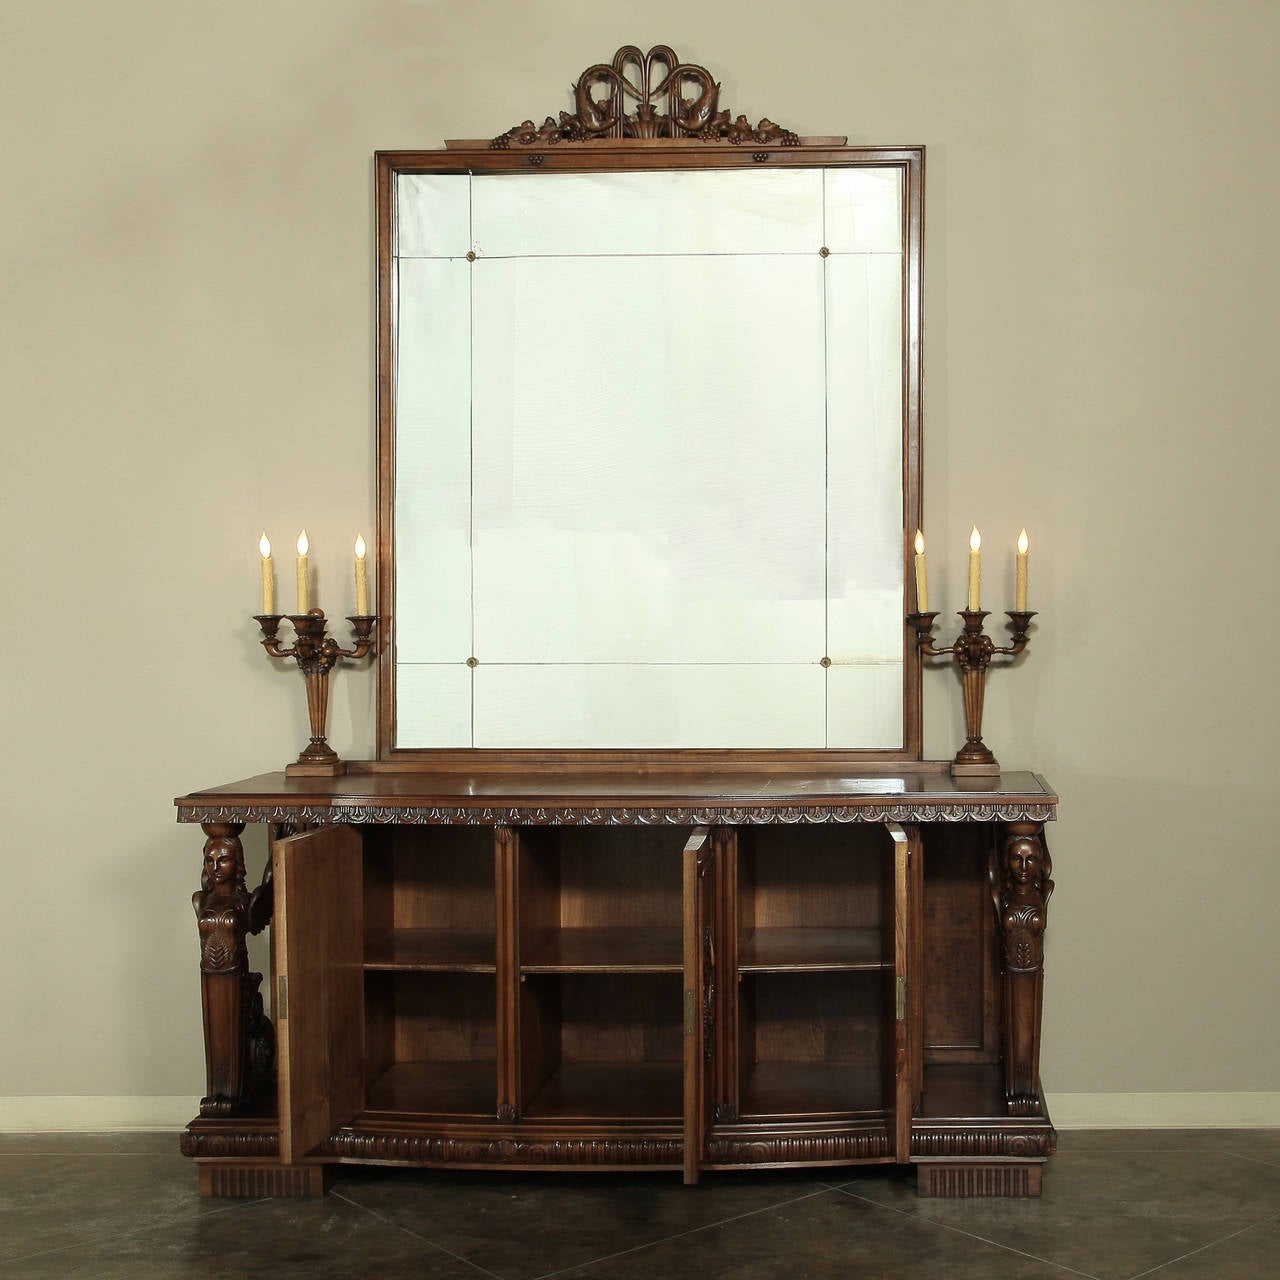 Vintage Dining Room Set: Vintage Neoclassical Dining Room Set For Sale At 1stdibs